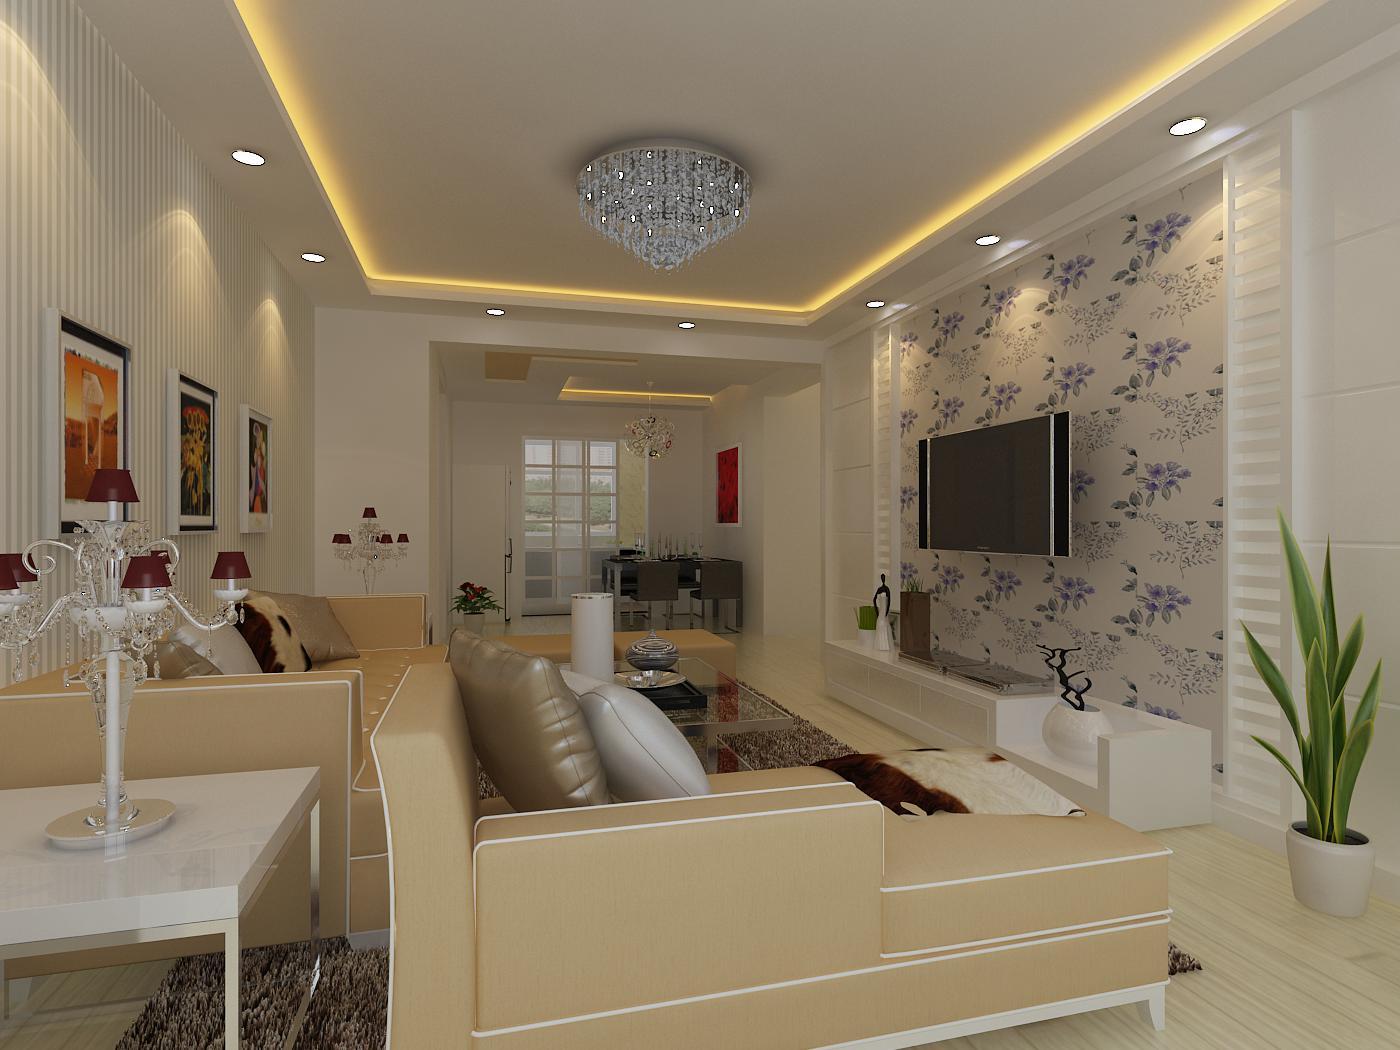 家装、工装、商装效果图设计及施工